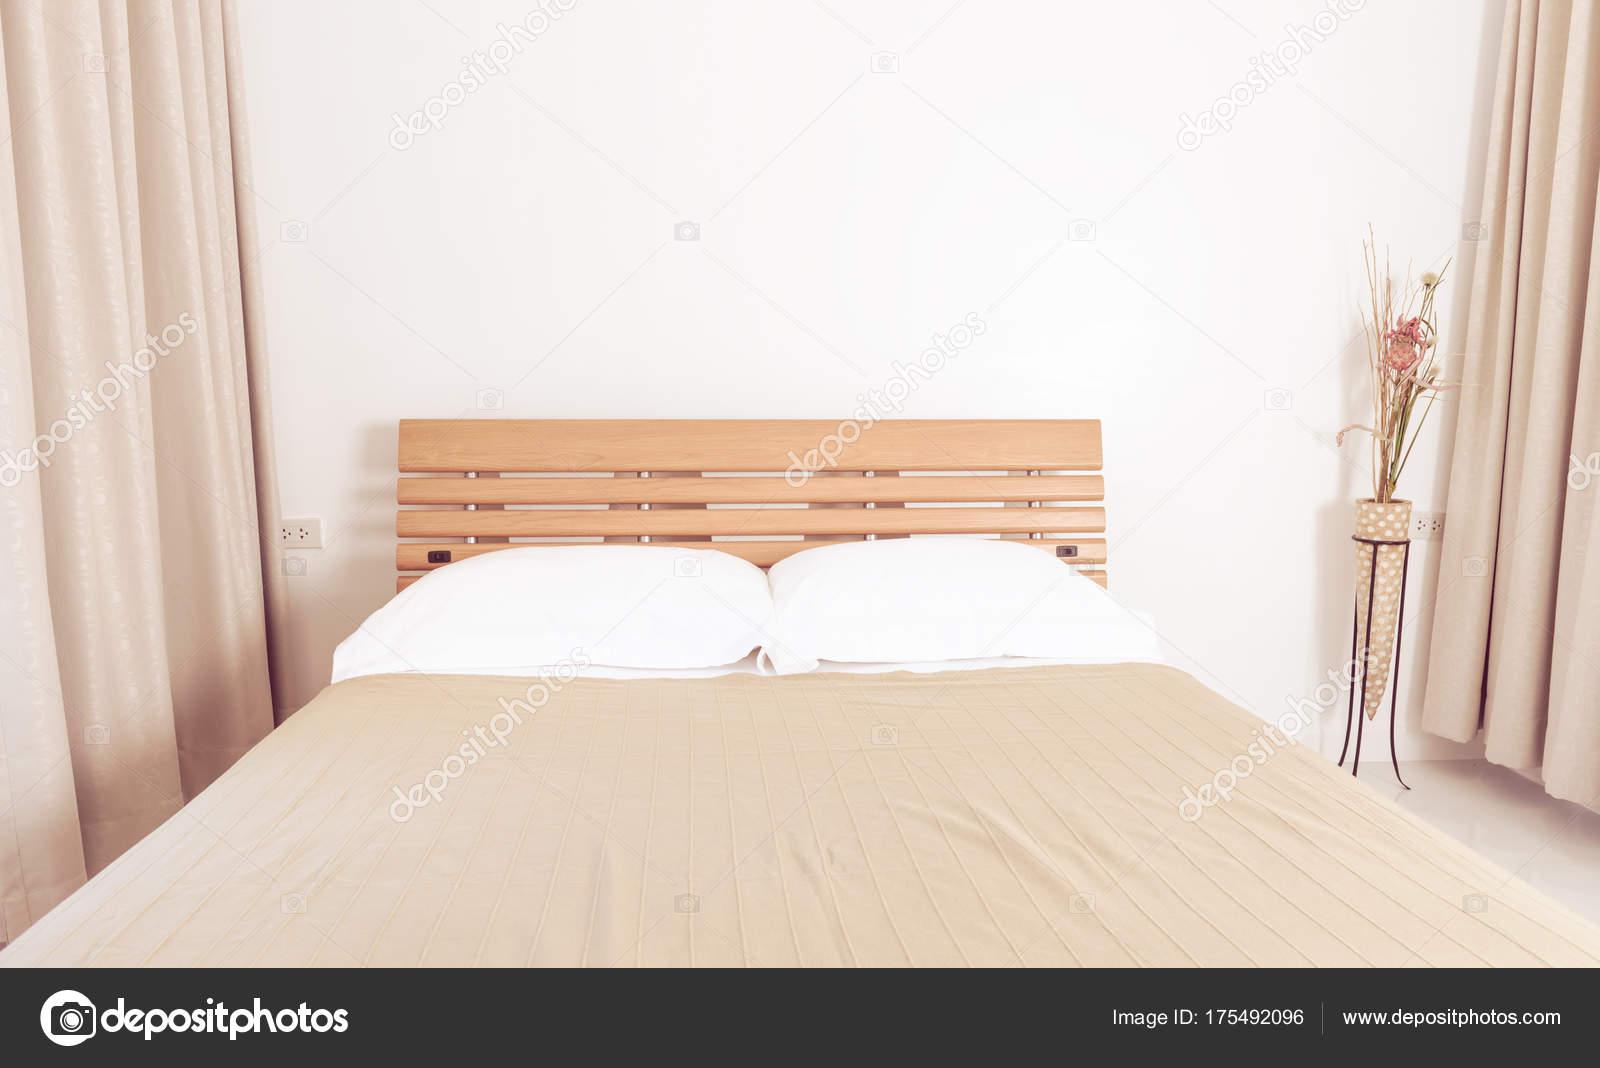 Innen Moderne Weiße Schlafzimmer Dekoration Mit Beige Vorhänge Und U2014  Stockfoto